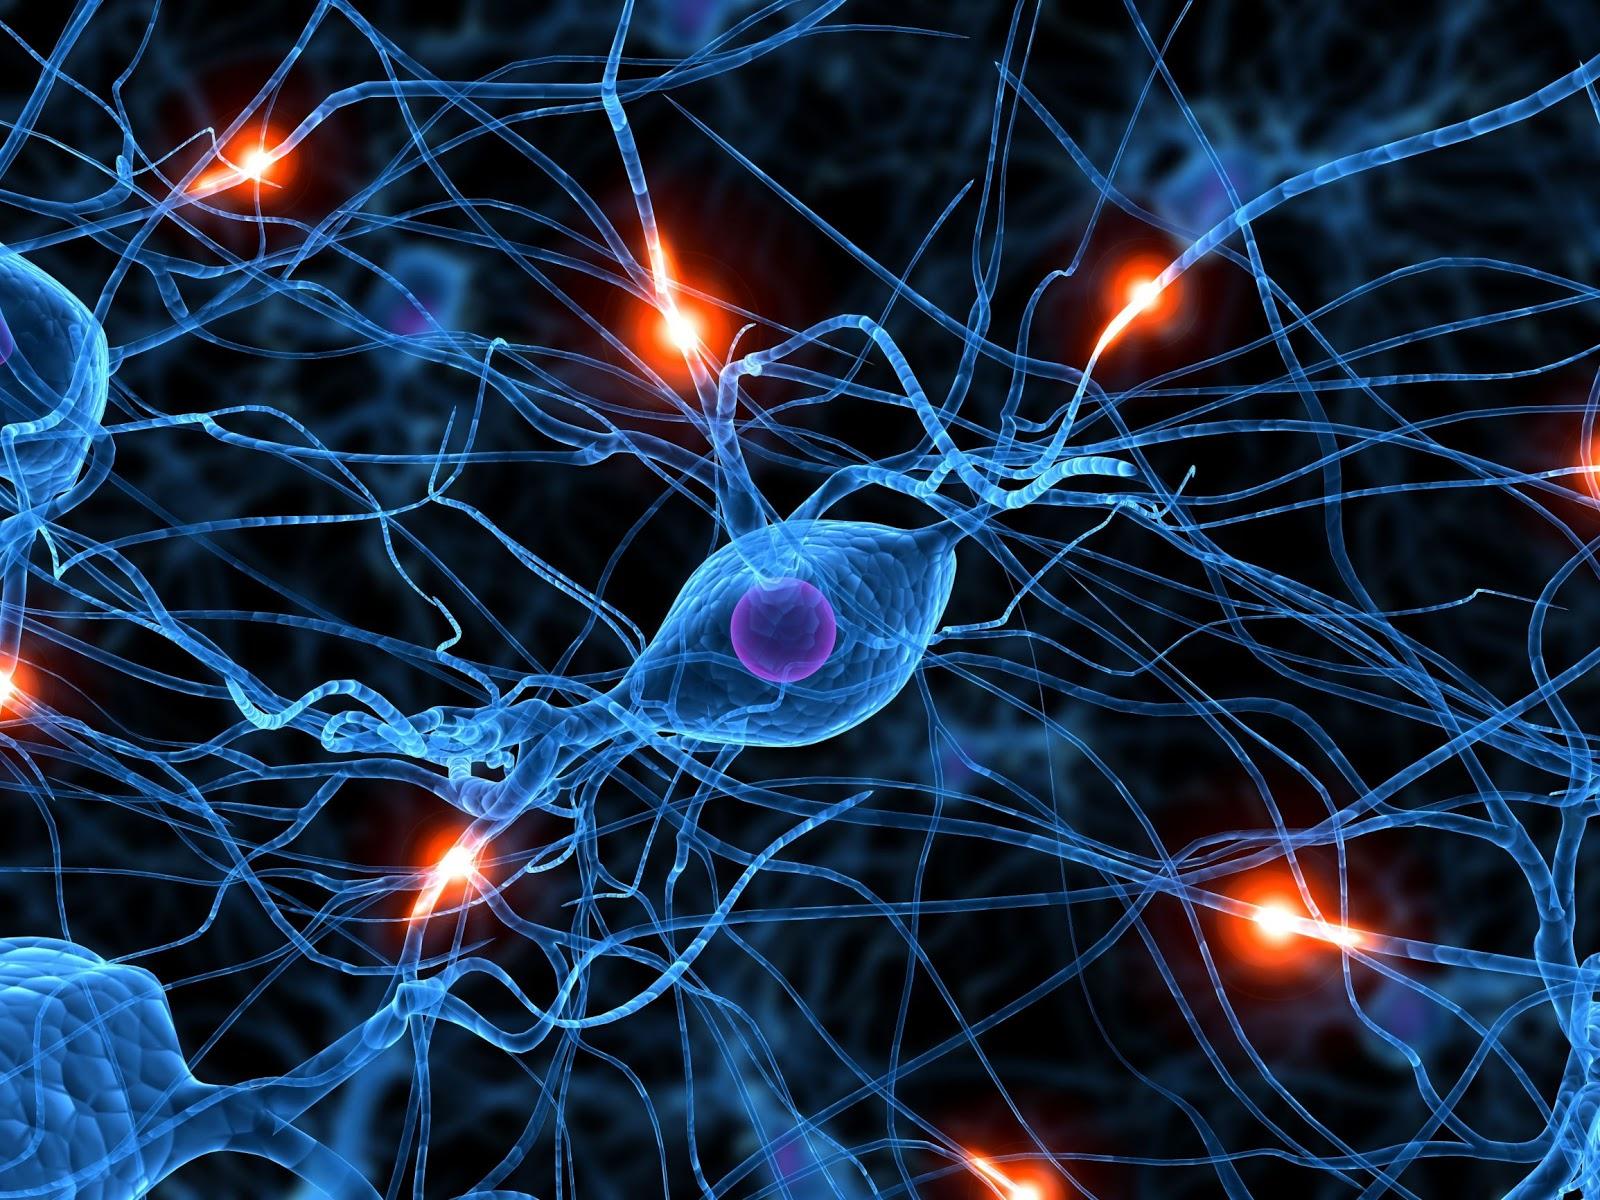 Los 6 est mulos que activan el cerebro reptil son la base for Neurones miroir